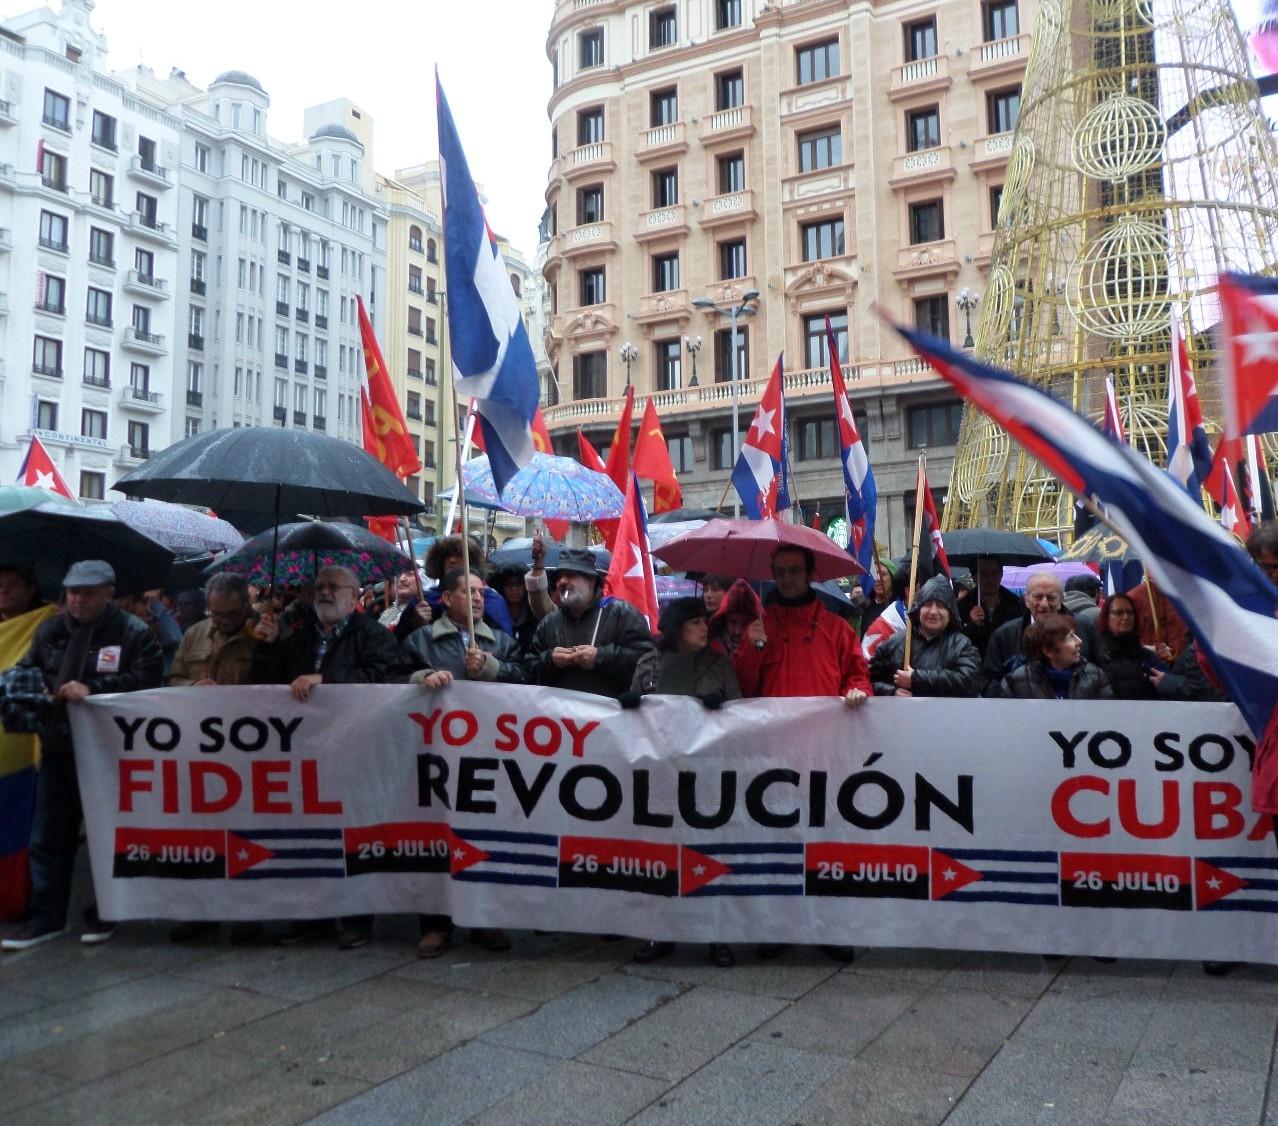 Hoy 4 de Diciembre de 2016 la militancia del Partido Comunista Obrero Español (PCOE) presentó en bloque su más profundo y sincero respeto al líder de la Revolución Cubana Fidel…